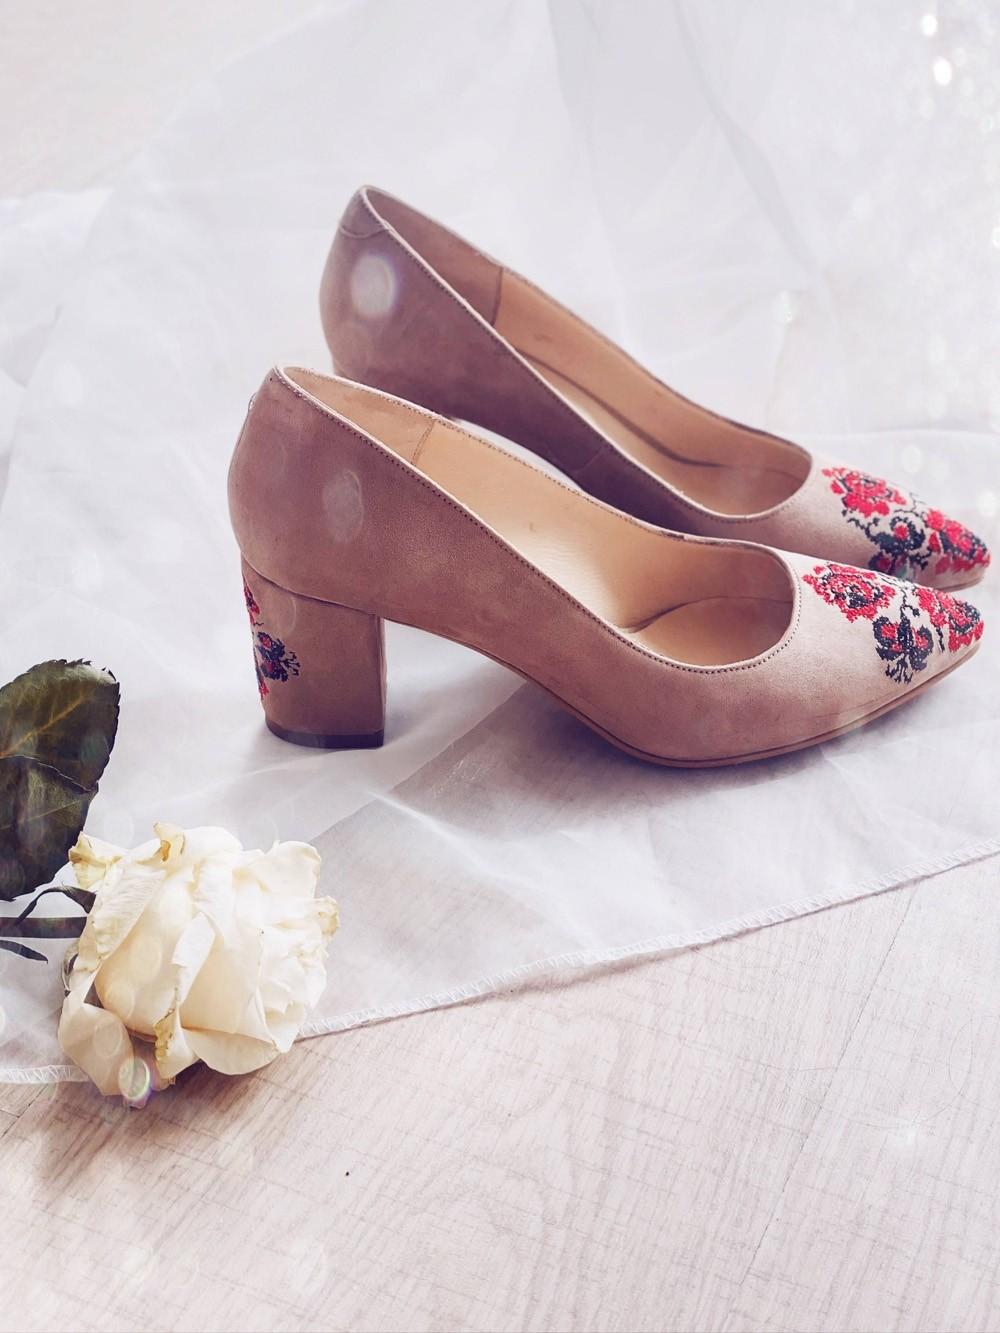 Pantofi dama stiletto cu toc gros si broderie traditionala - Nude